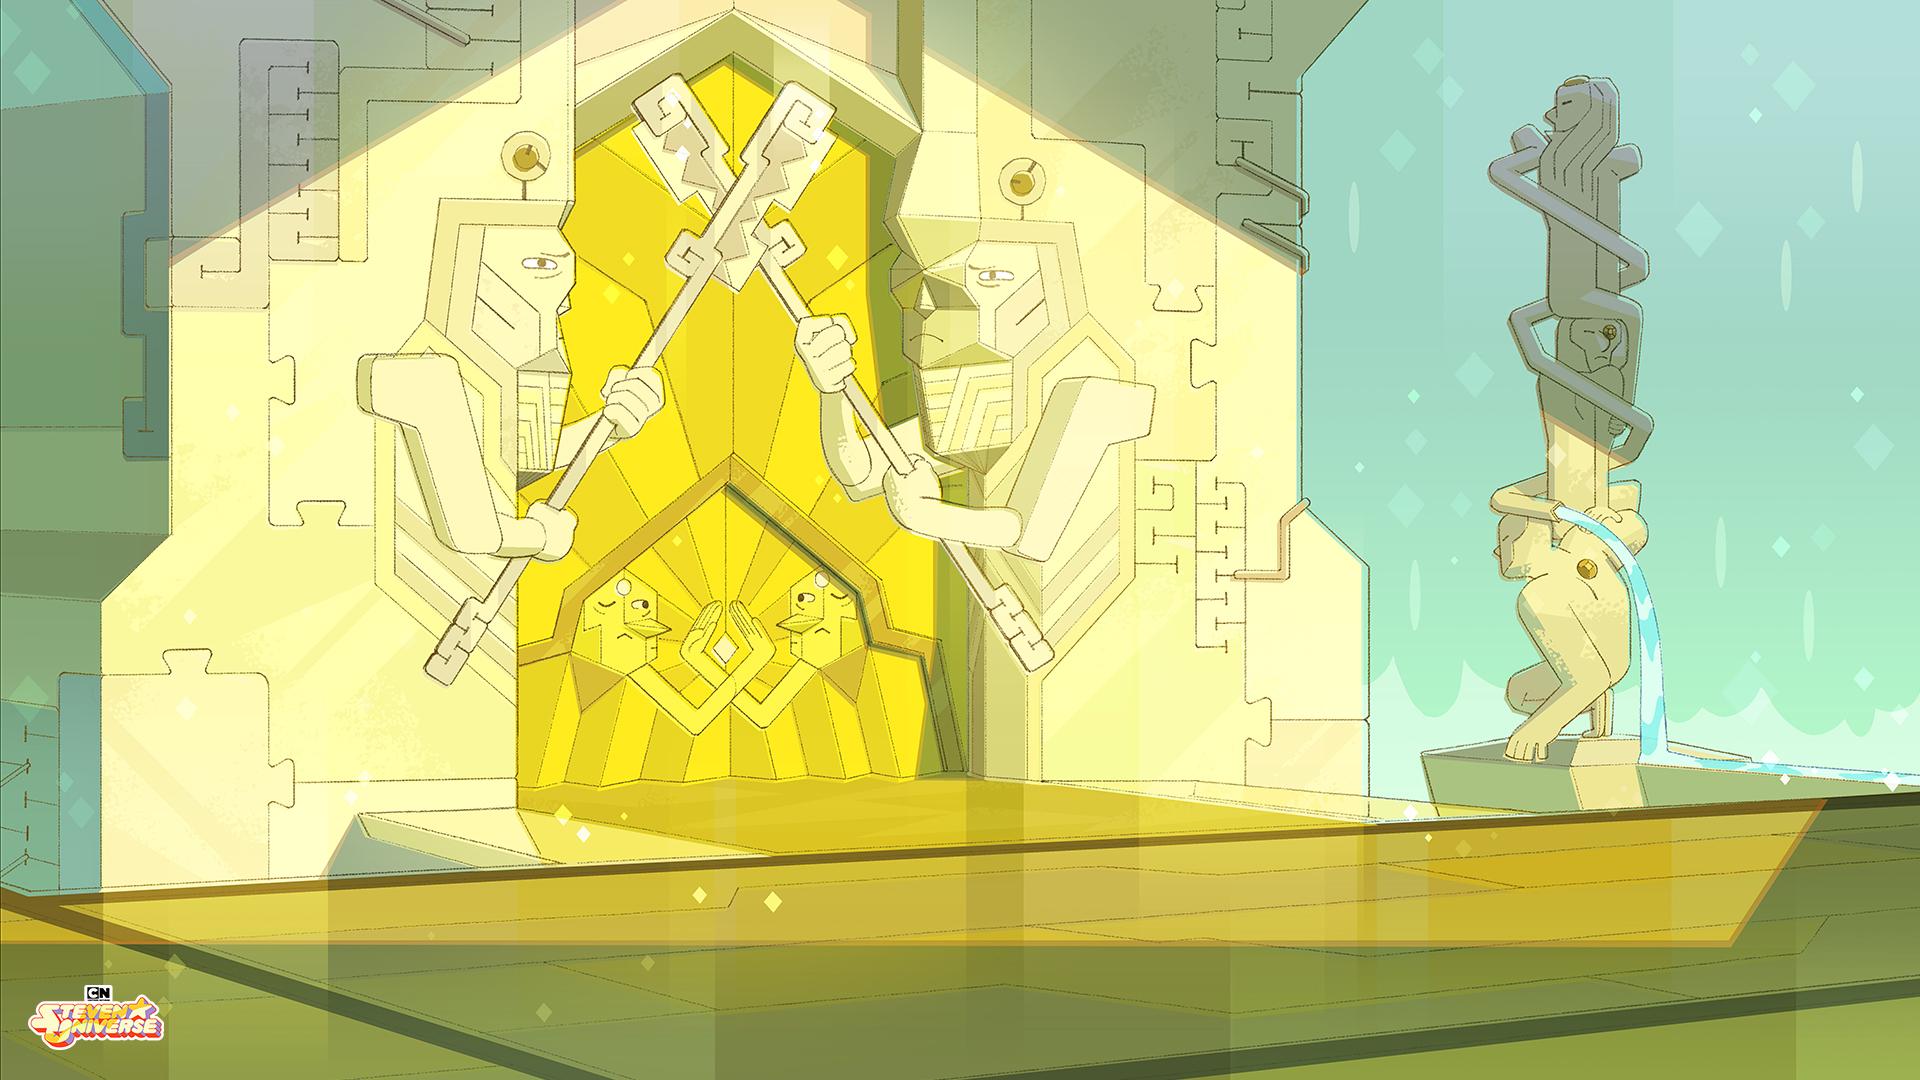 Wallpaper Steven Universe Steven Universe Tv Show Cartoon Network 1920x1080 Oikeeep 1931907 Hd Wallpapers Wallhere